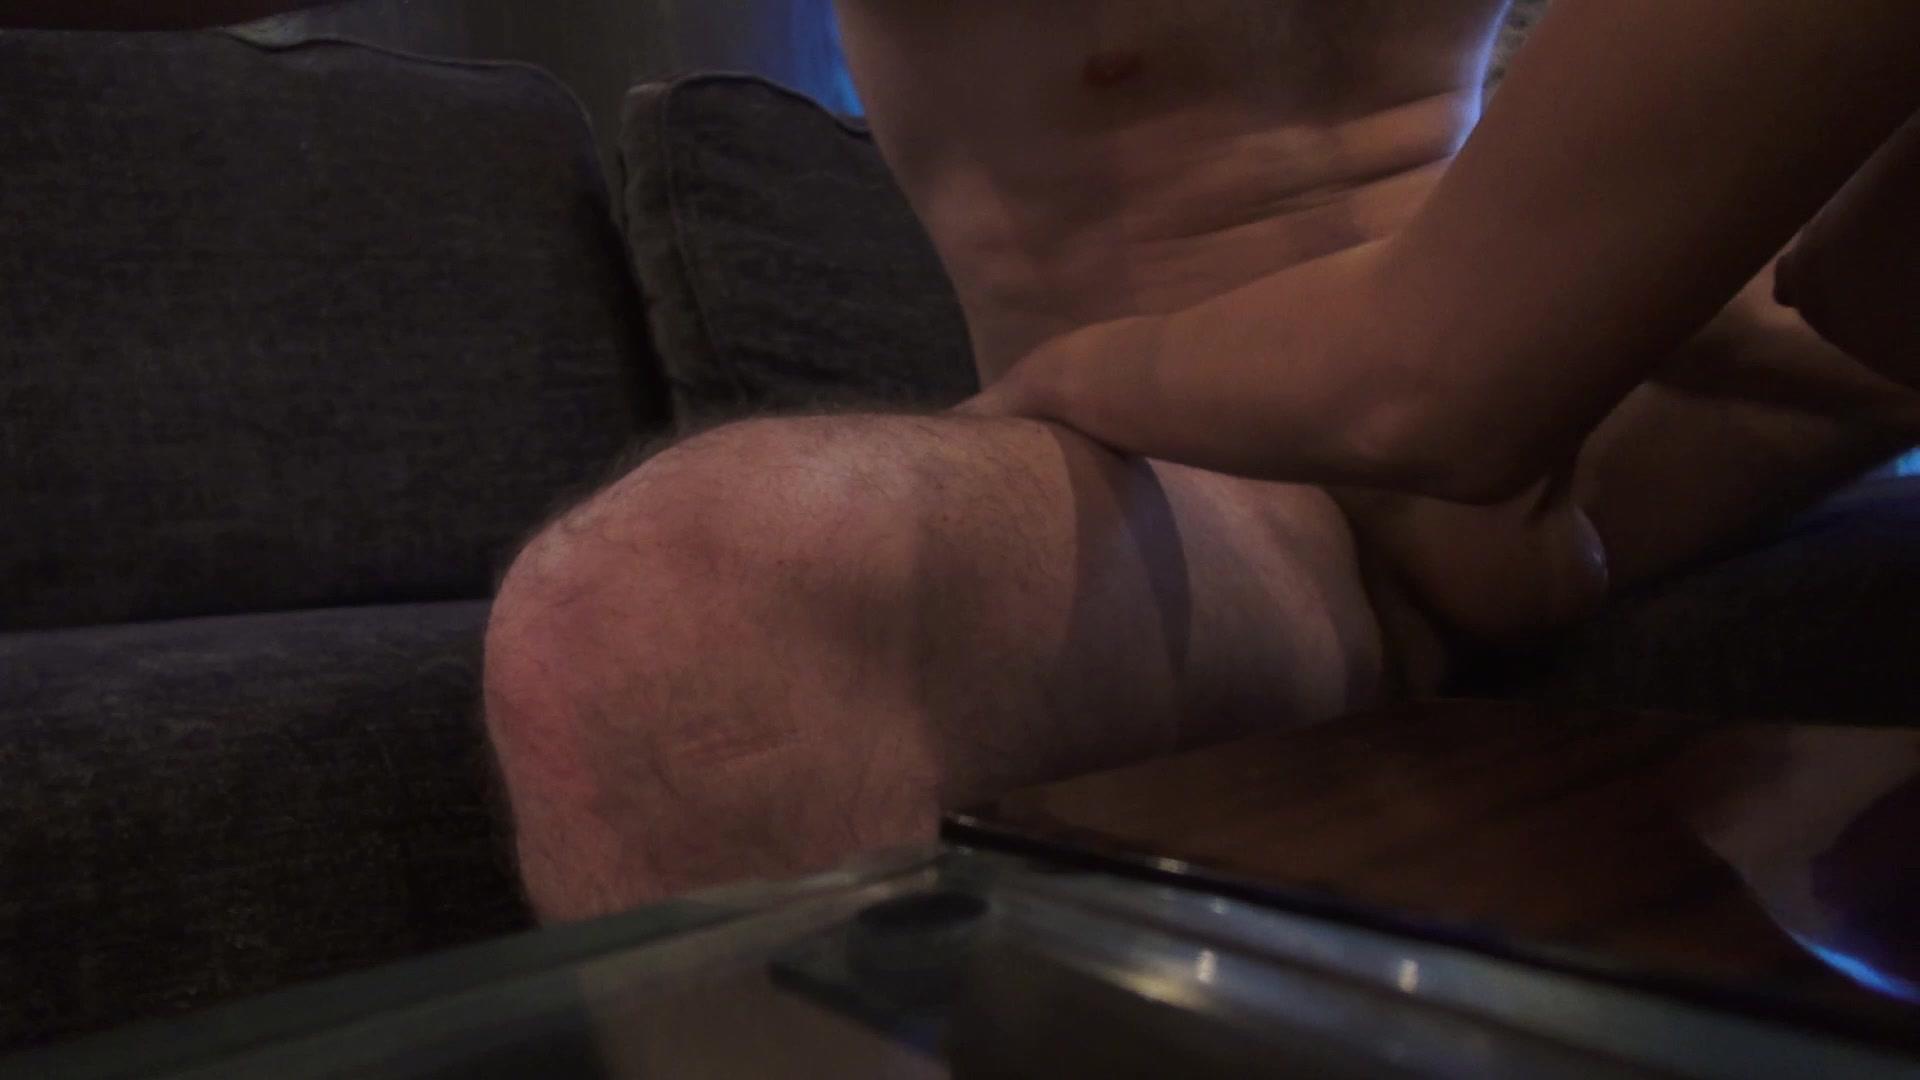 Mofosex boy boy sex video